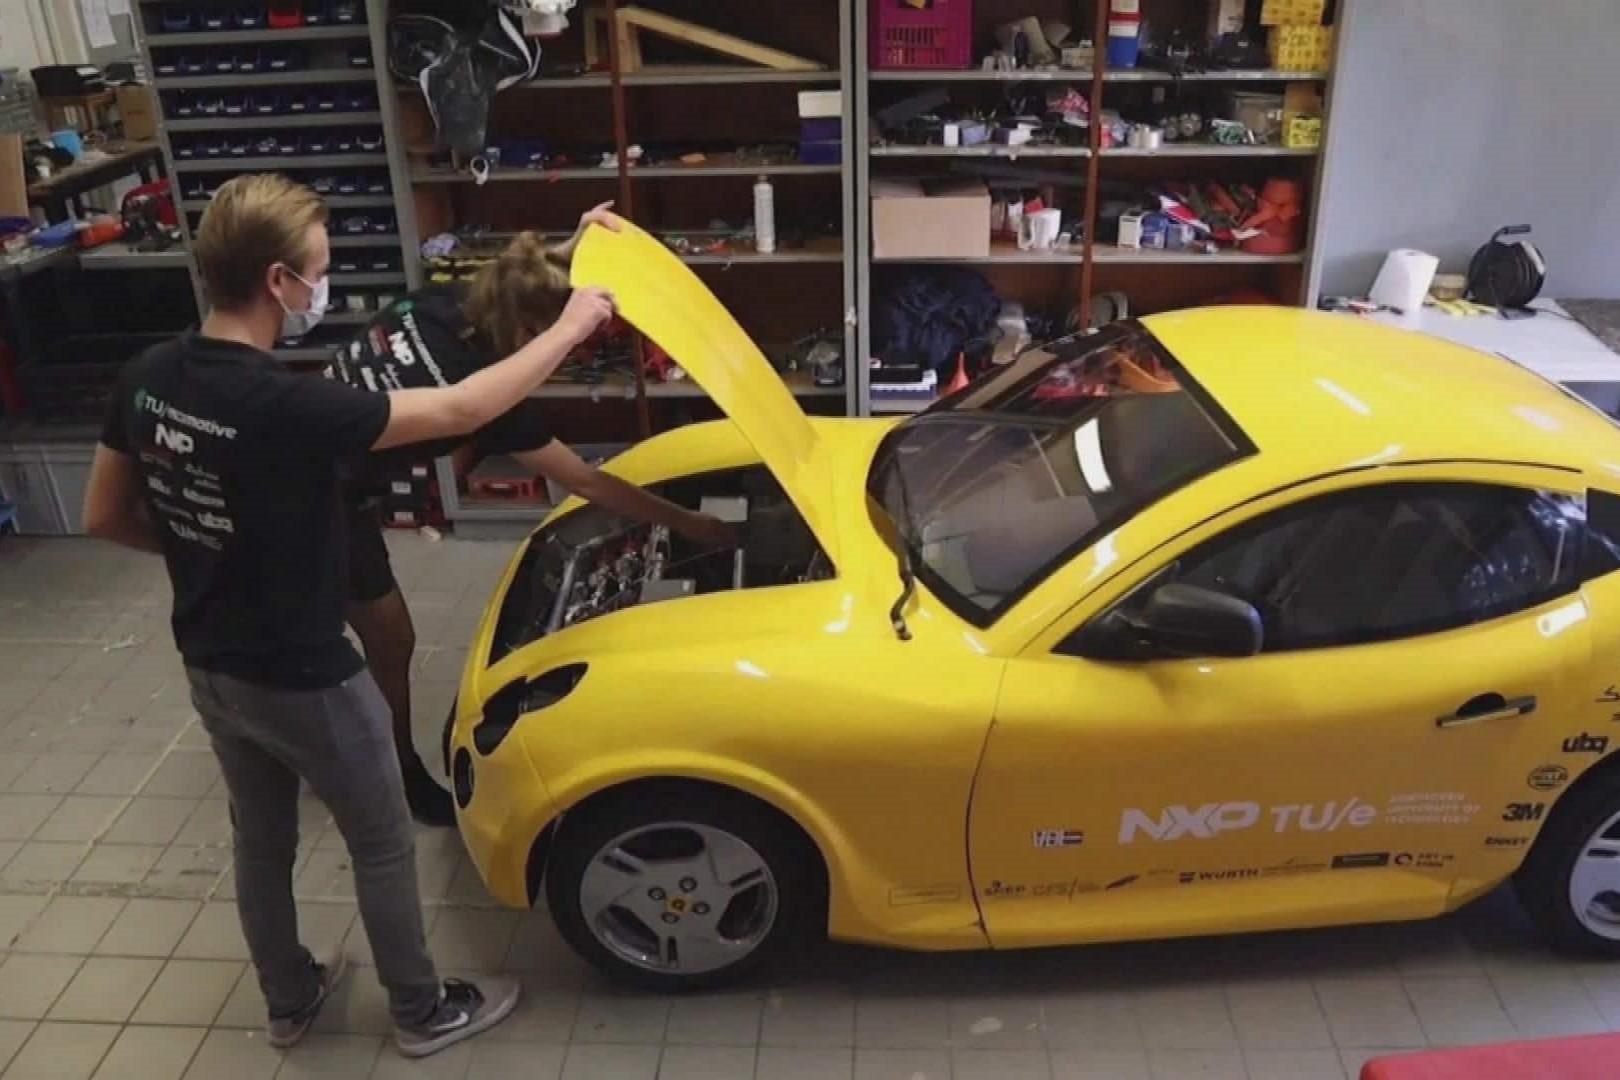 Sinh viên chế tạo xe ô tô hoàn toàn từ rác thải, đạt vận tốc 220 km/h